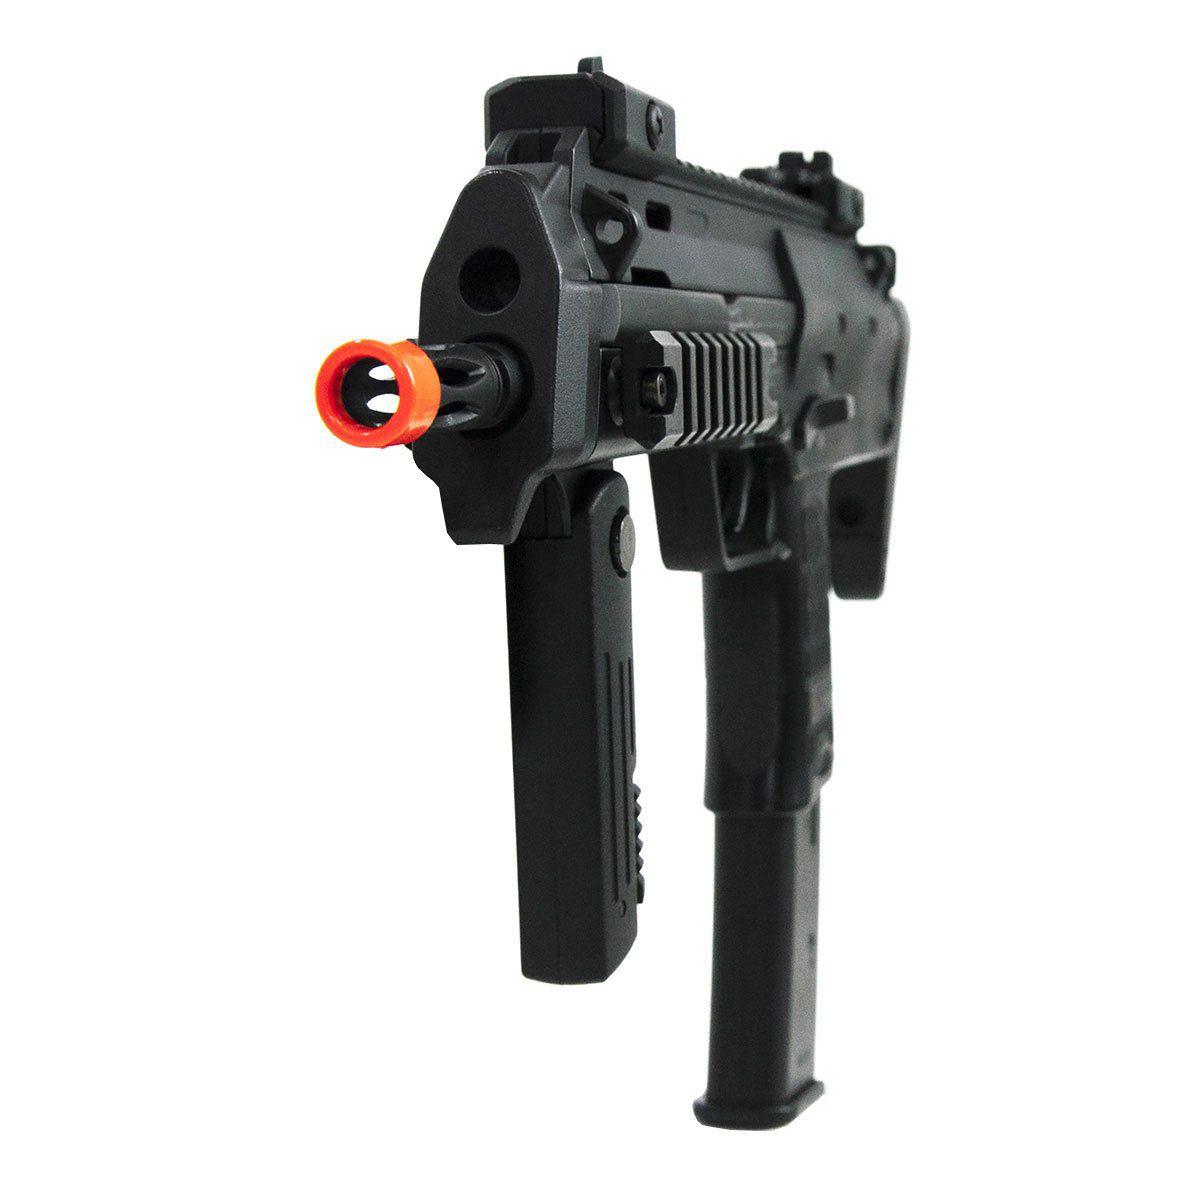 Rifle Airsoft Heckler & Hoch Umarex MP7 A1 Swat Elétrico 6mm